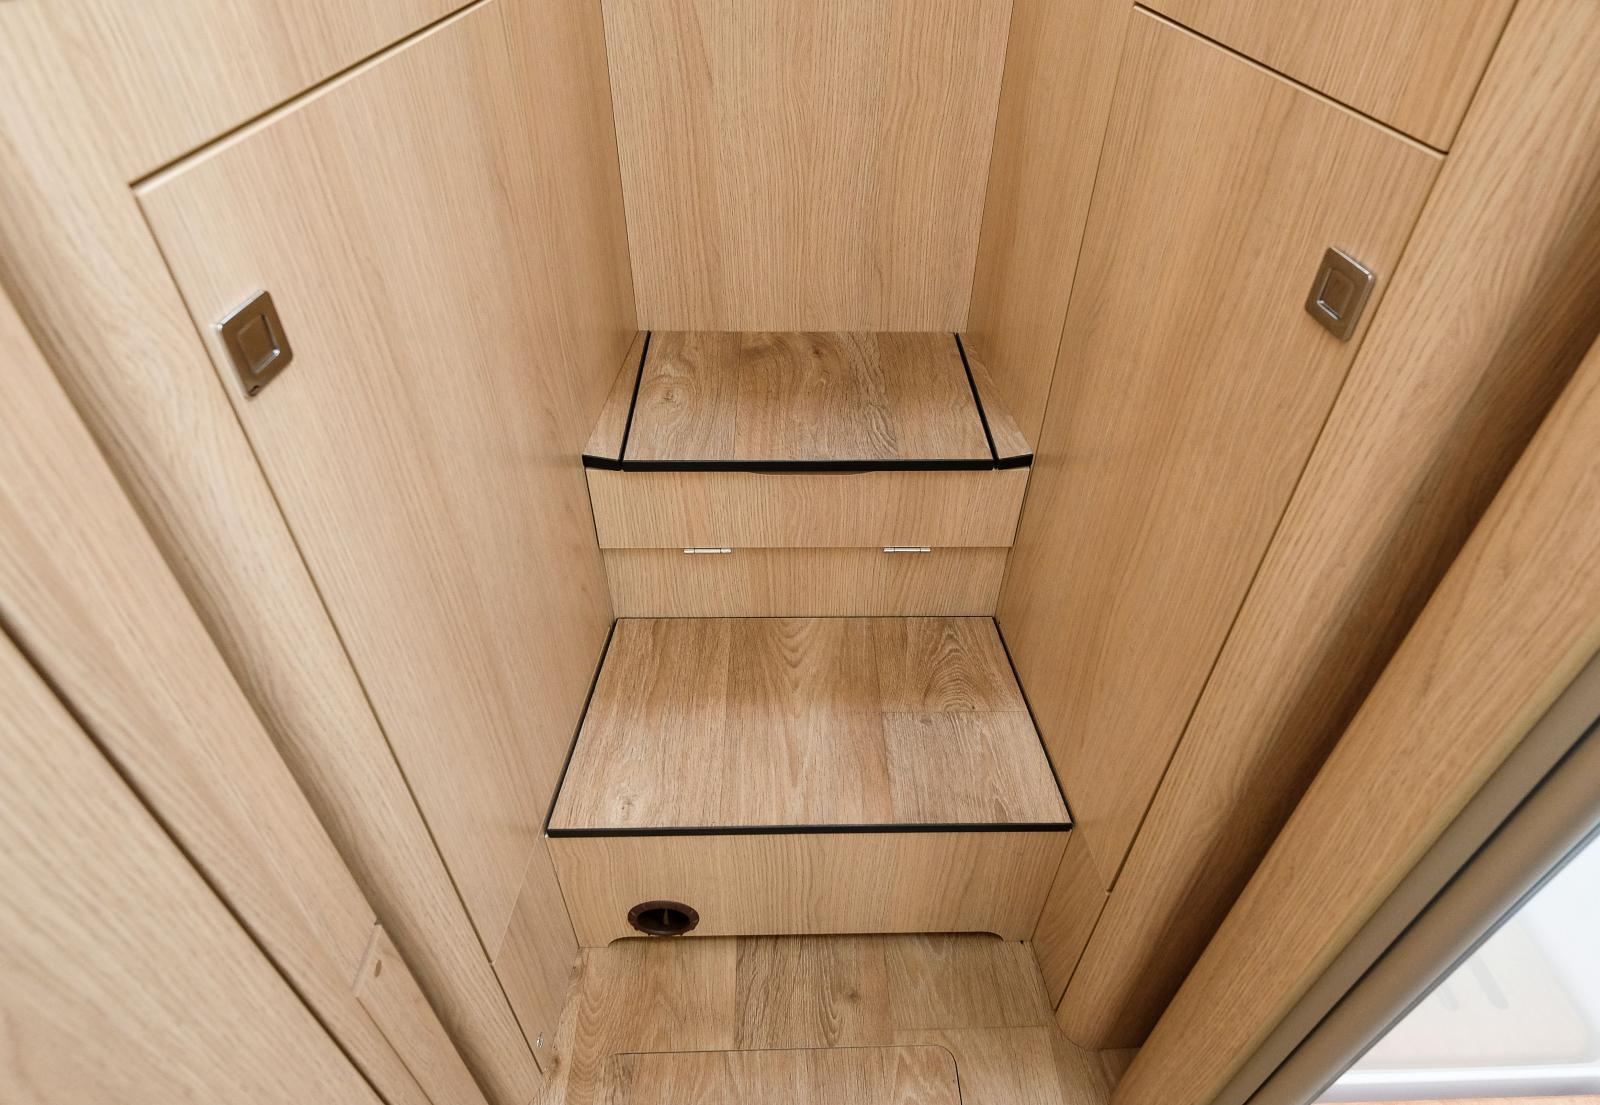 Skarpögda kan se gångjärnet på översta trappsteget. Där döljer sig en trappförlängning när sängen är hopbäddad. Smart grej!